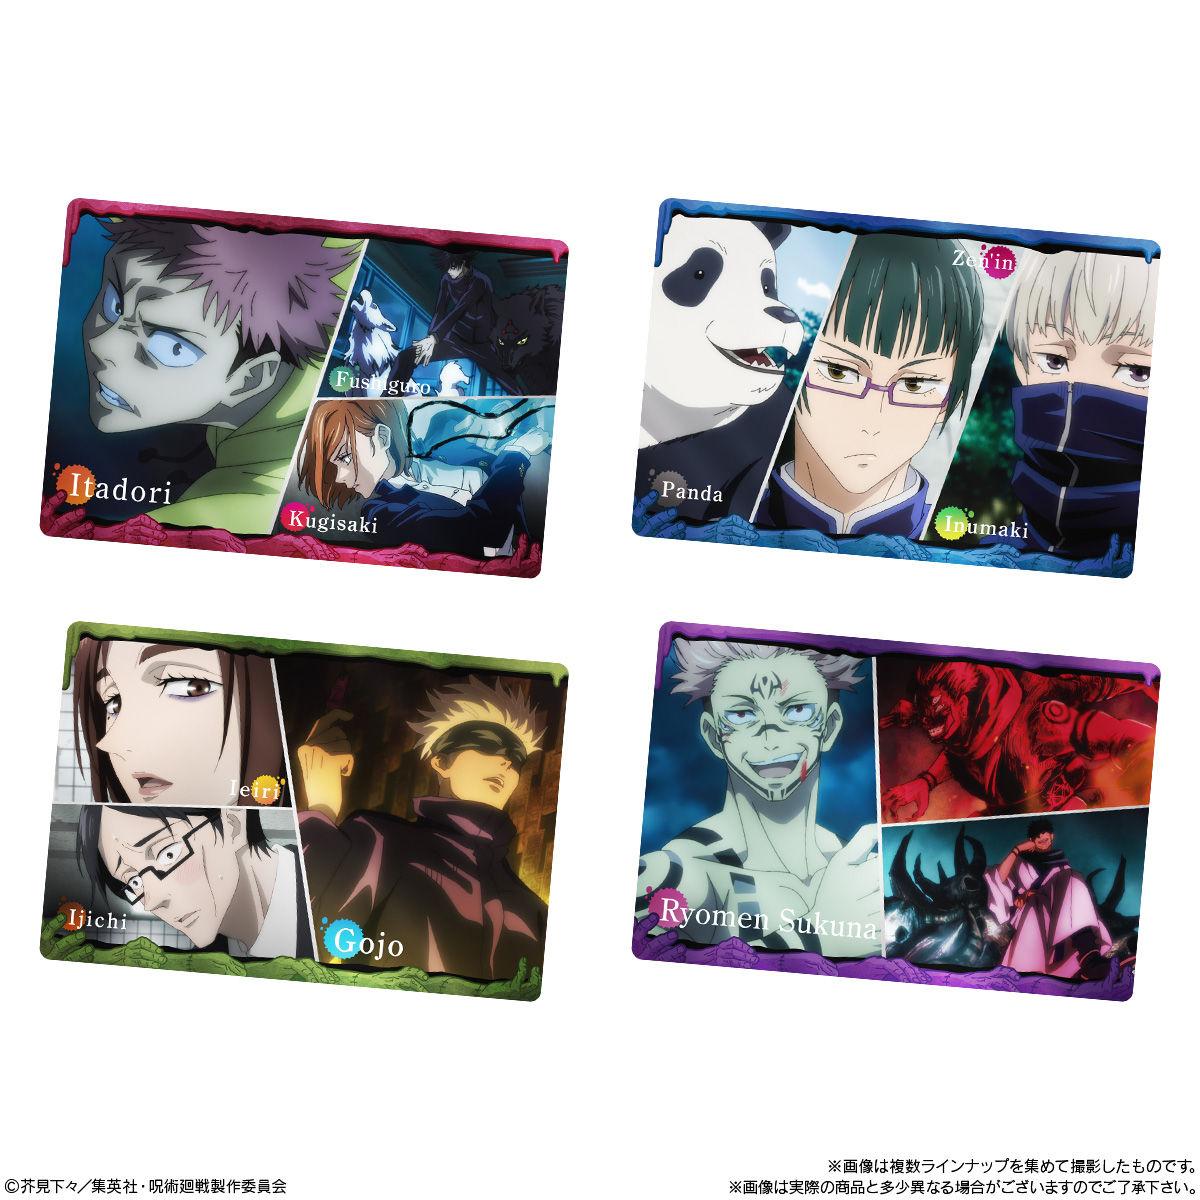 【食玩】呪術廻戦『呪術廻戦ウエハース』20個入りBOX-006